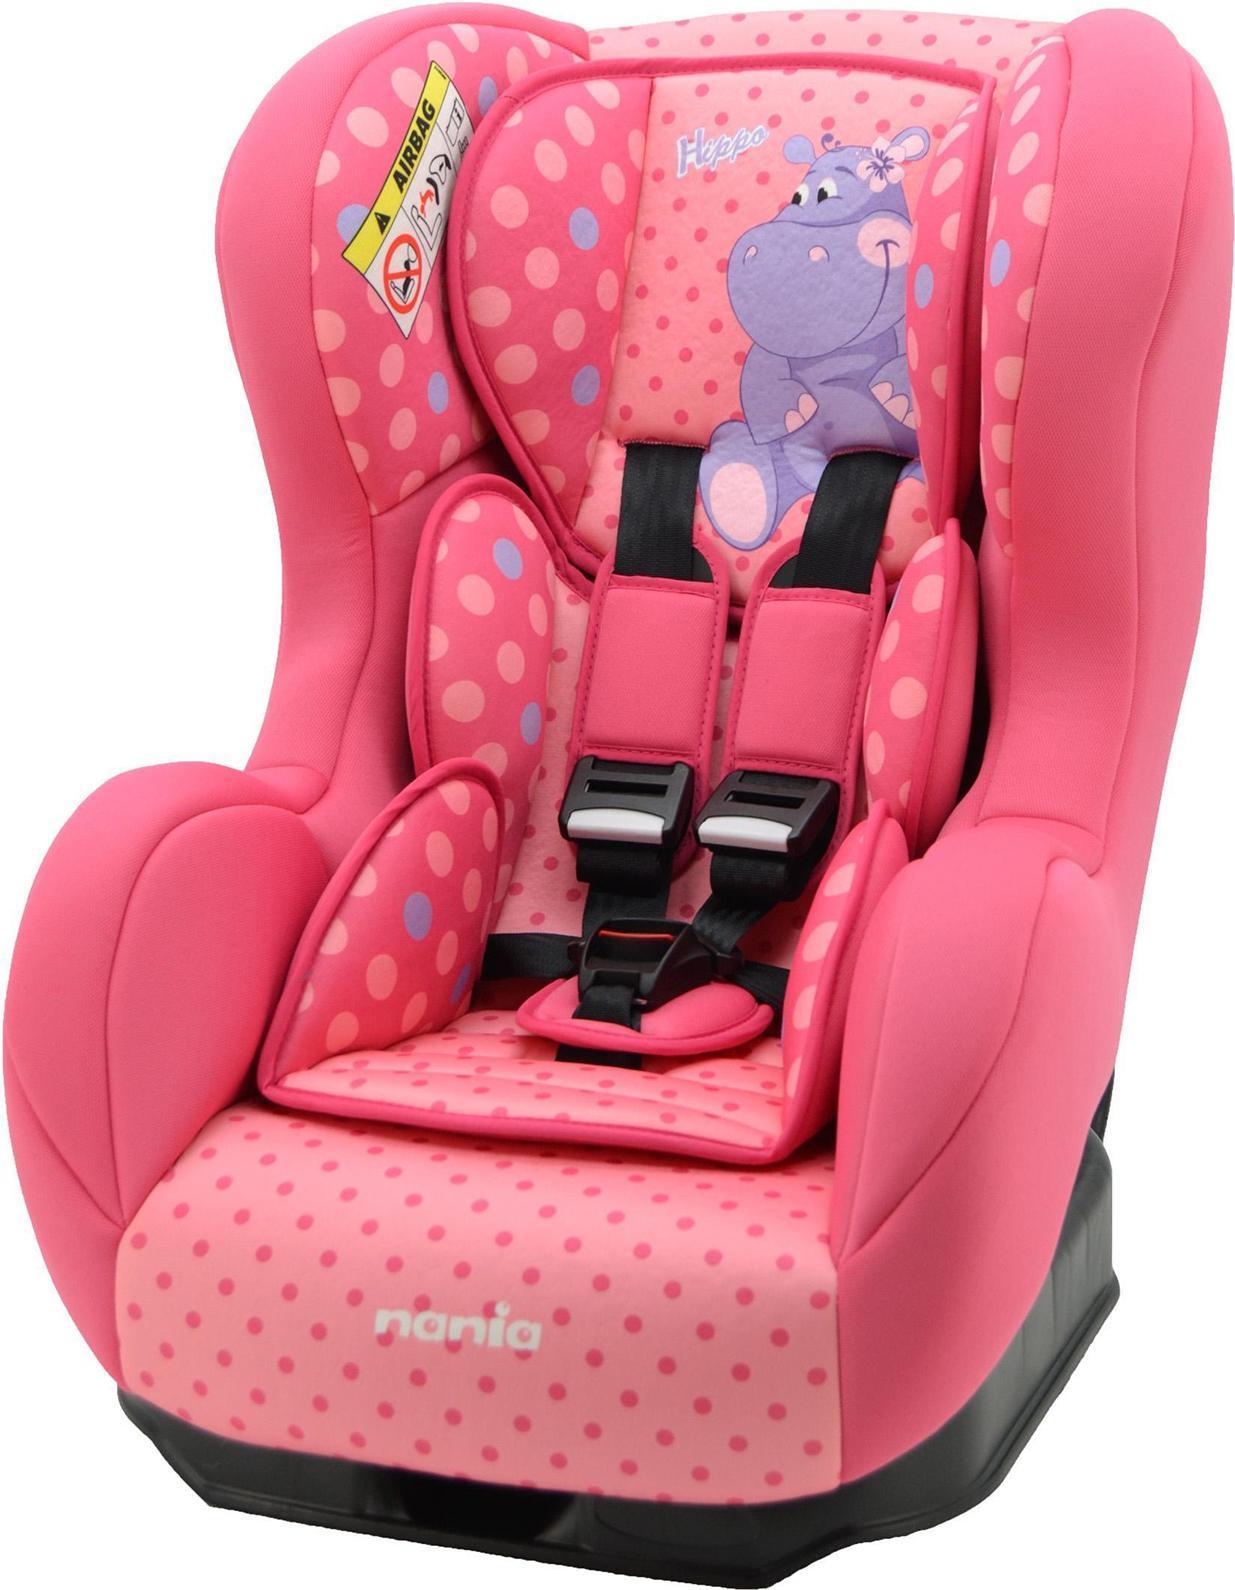 Автокресло Nania Cosmo SP гр. 0-1 HippoVCA-00Автокресло Nania Cosmo SP – стильное и безопасное. Модель входит в группу 0-1 и предназначено для перевозки малышей от рождения до 4 лет (0-18 кг). Кресло размещается на заднем сидении автомобиля по ходу движения. Корпус автокресла создан с учетом требований по эргономике и имеет приятную на ощупь обивку. Боковая поддержка и регулируемый по высоте подголовник надежно защищают ребенка от боковых ударов, не доставляя при этом дискомфорта. Спинка кресла регулируется по углу наклона. Пользуясь автокреслом Nania Cosmo SP, вы будете приятно удивлены его комфортабельностью и легкостью в использовании. Автокресло Nania Cosmo SP обеспечит ребенку максимально безопасные и комфортные поездки на автомобиле.